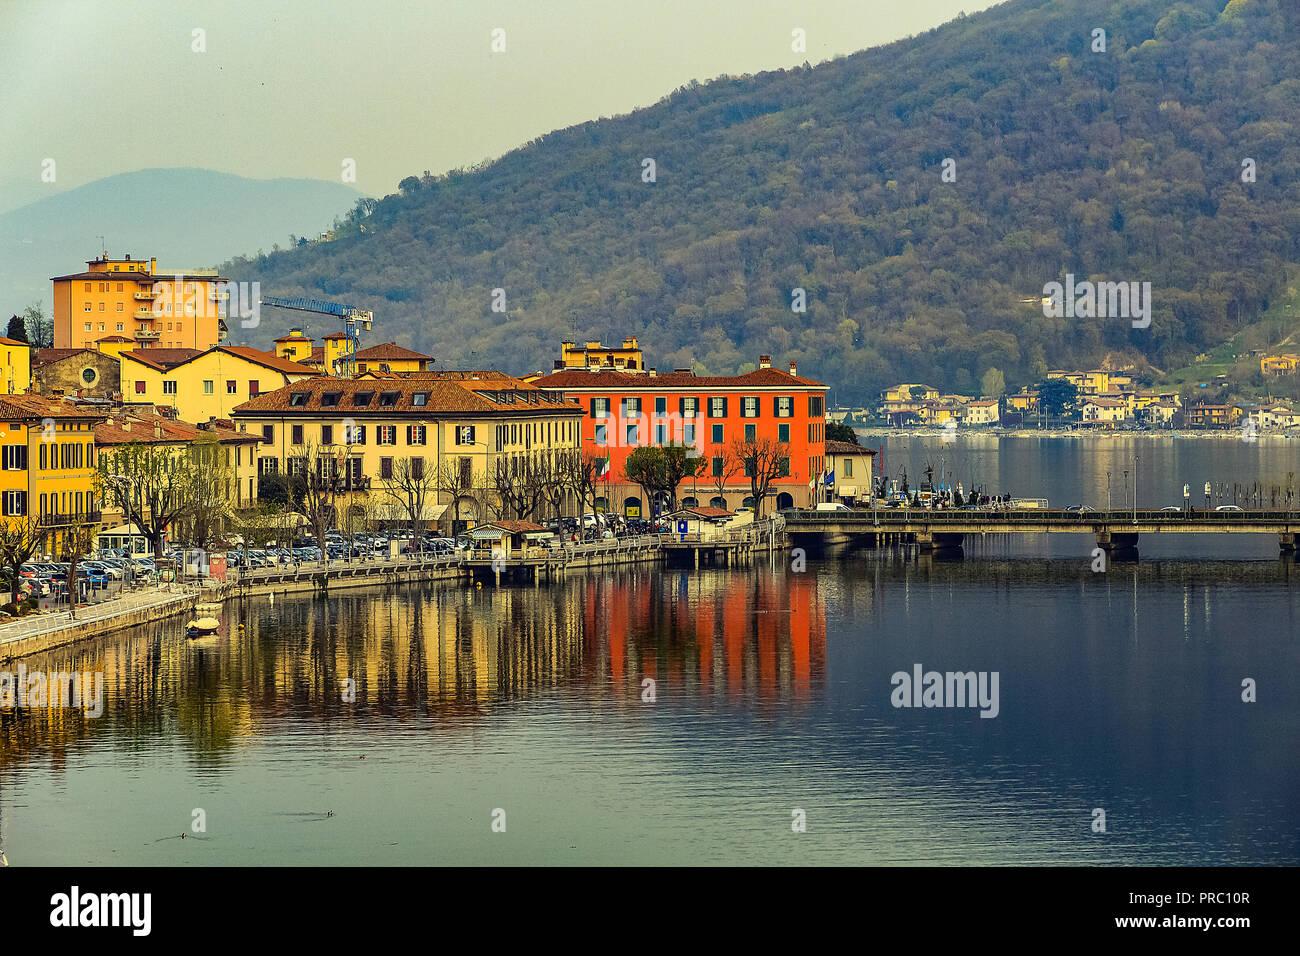 Iseo lake reflection - Stock Image